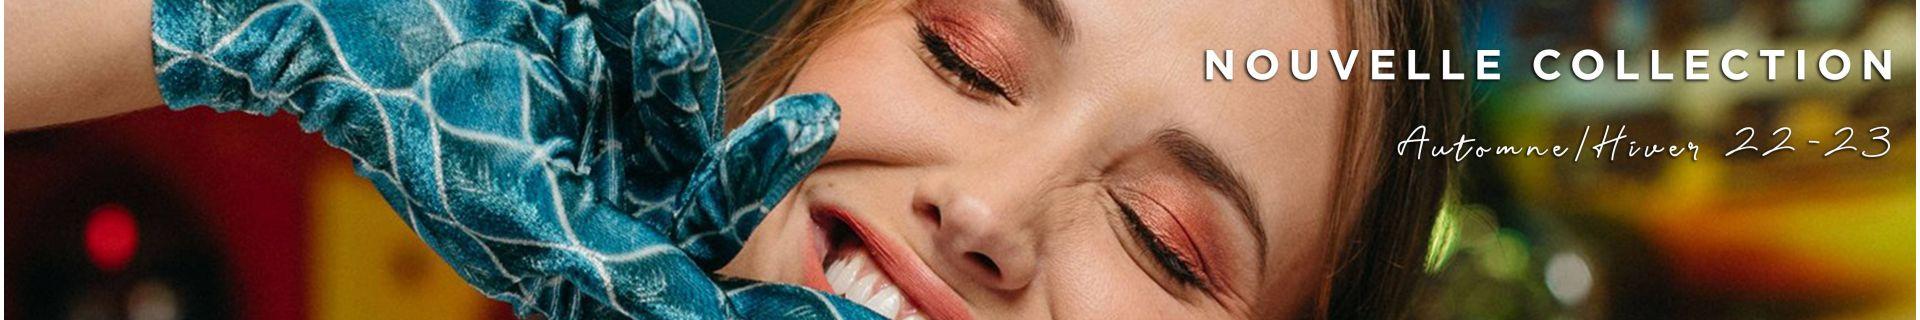 Sac à main, pochette et trousse femme - Automne/Hiver 2020-2021   Storiatipic